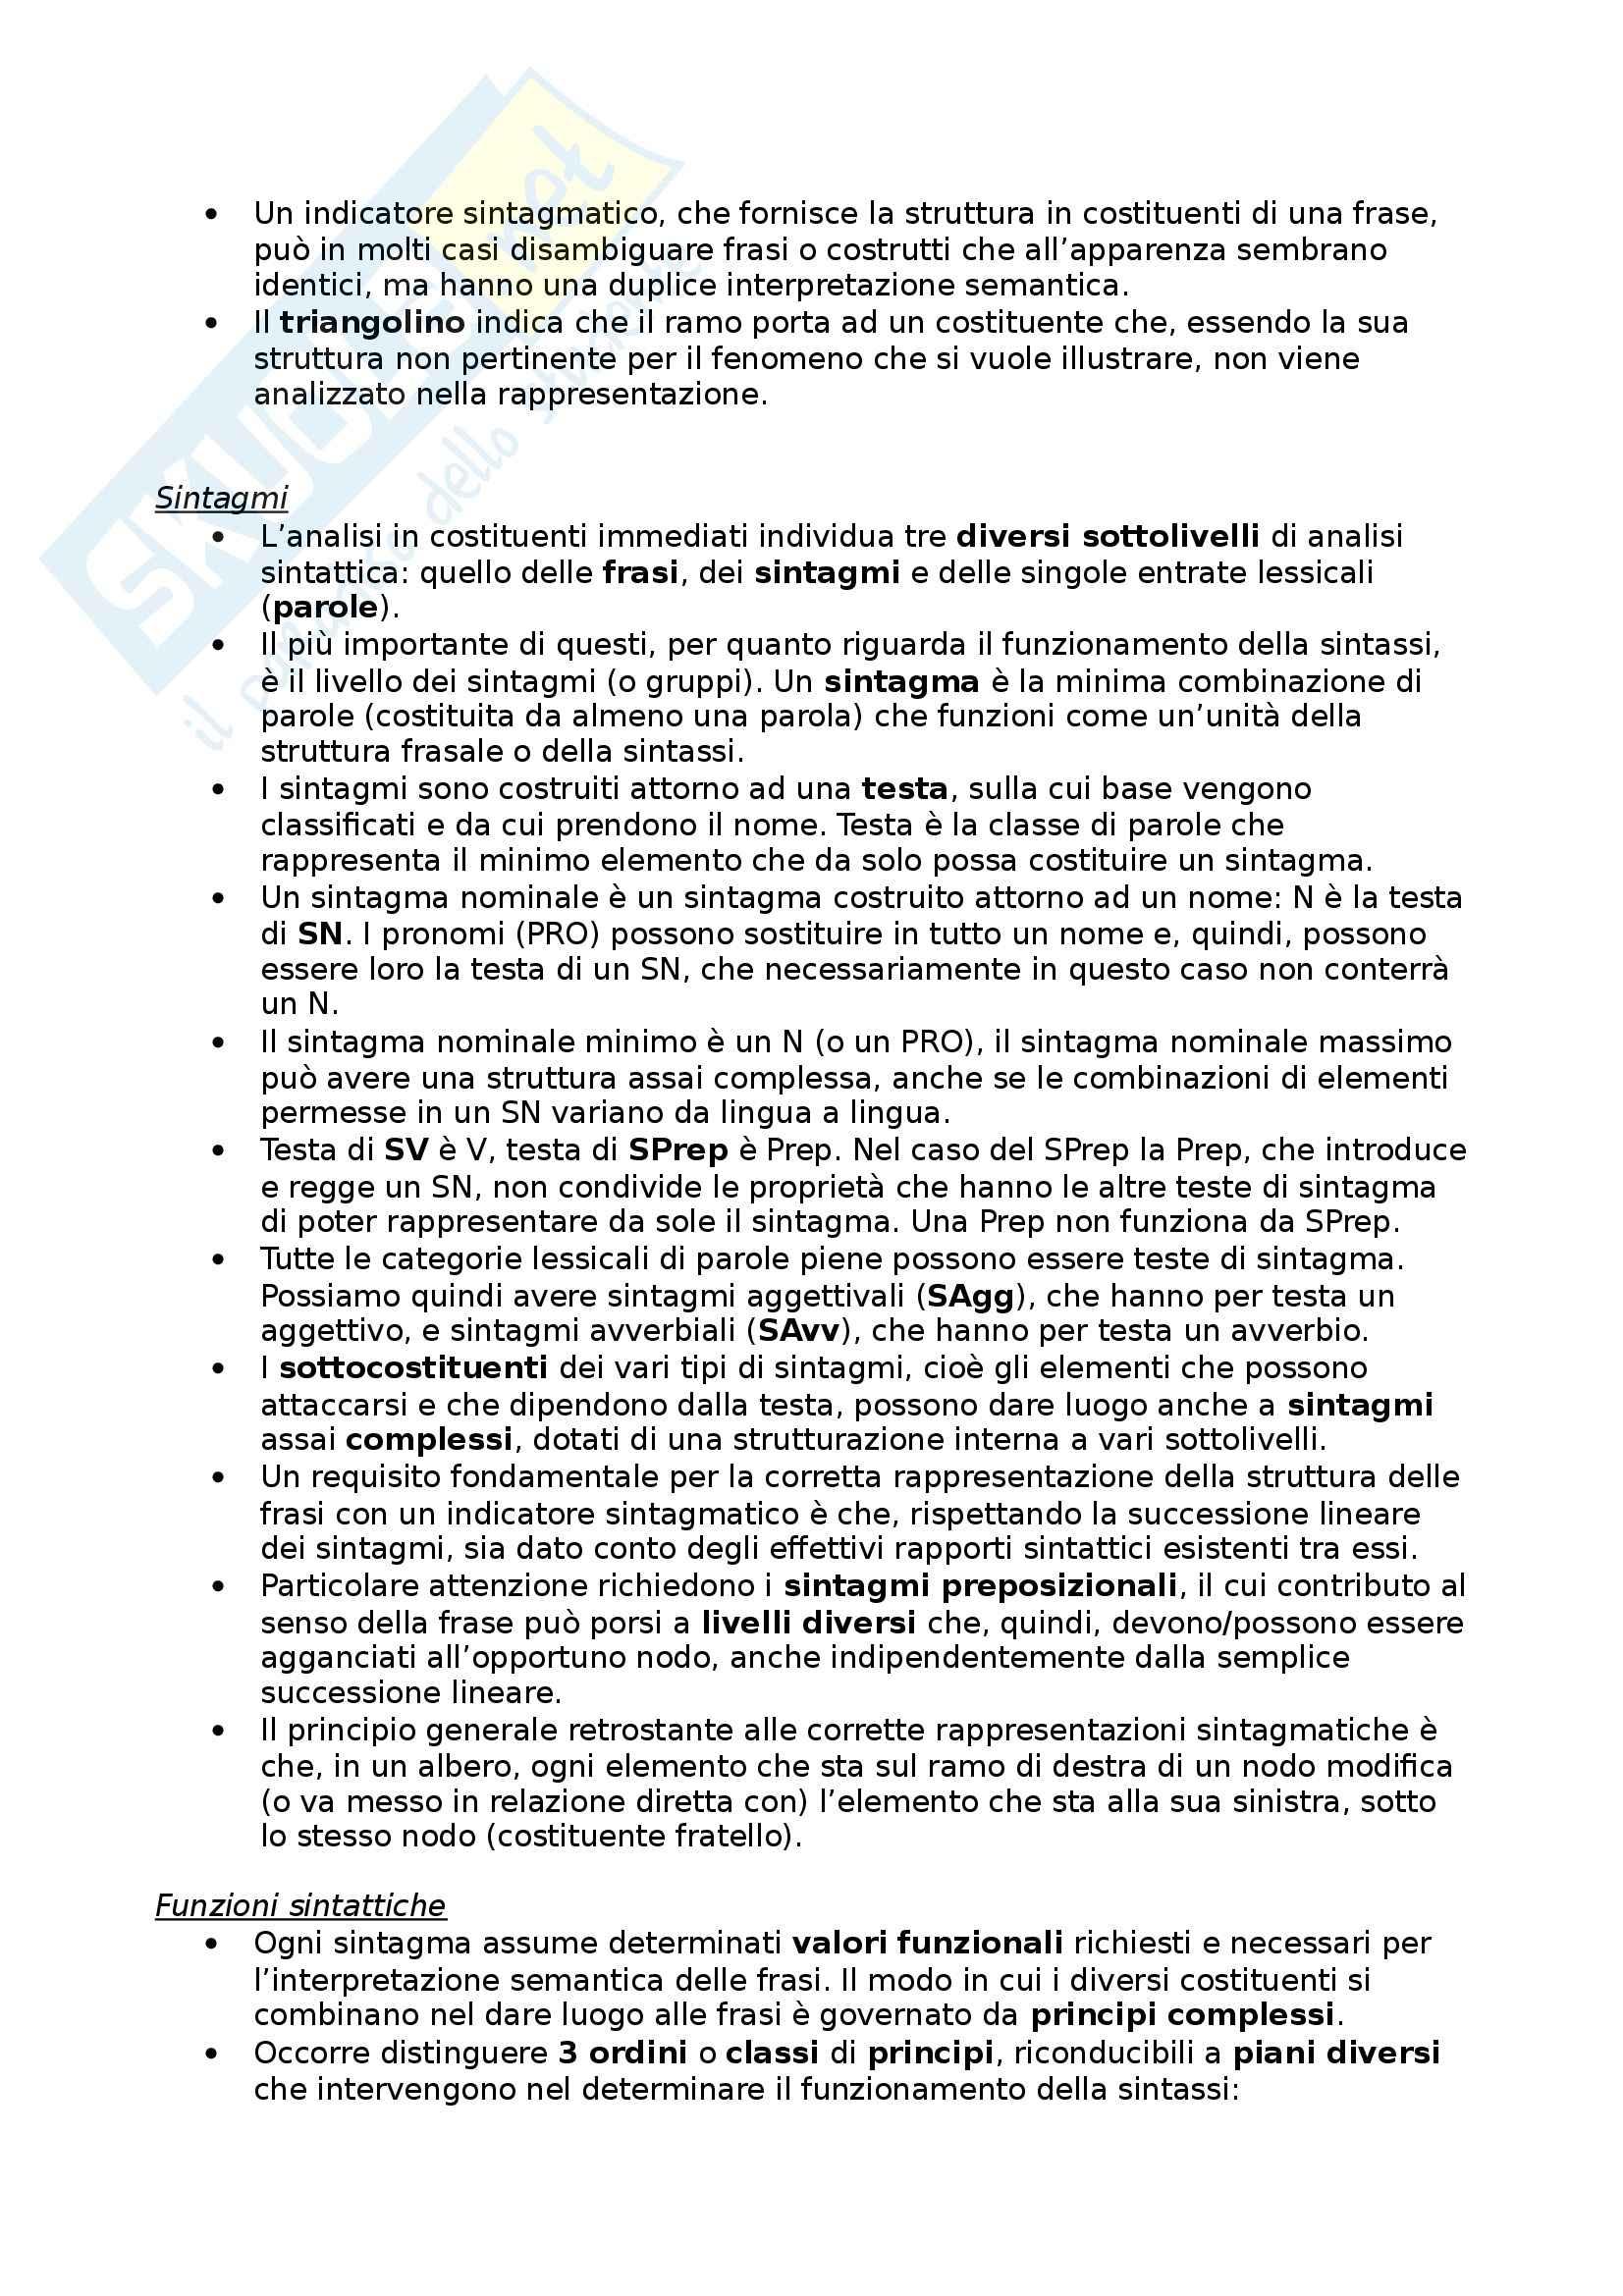 Riassunto esame Glottologia, prof. Bonfadini, libro consigliato La Linguistica: Un Corso Introduttivo, Berruto, Cerruti - cap. 4 Pag. 2